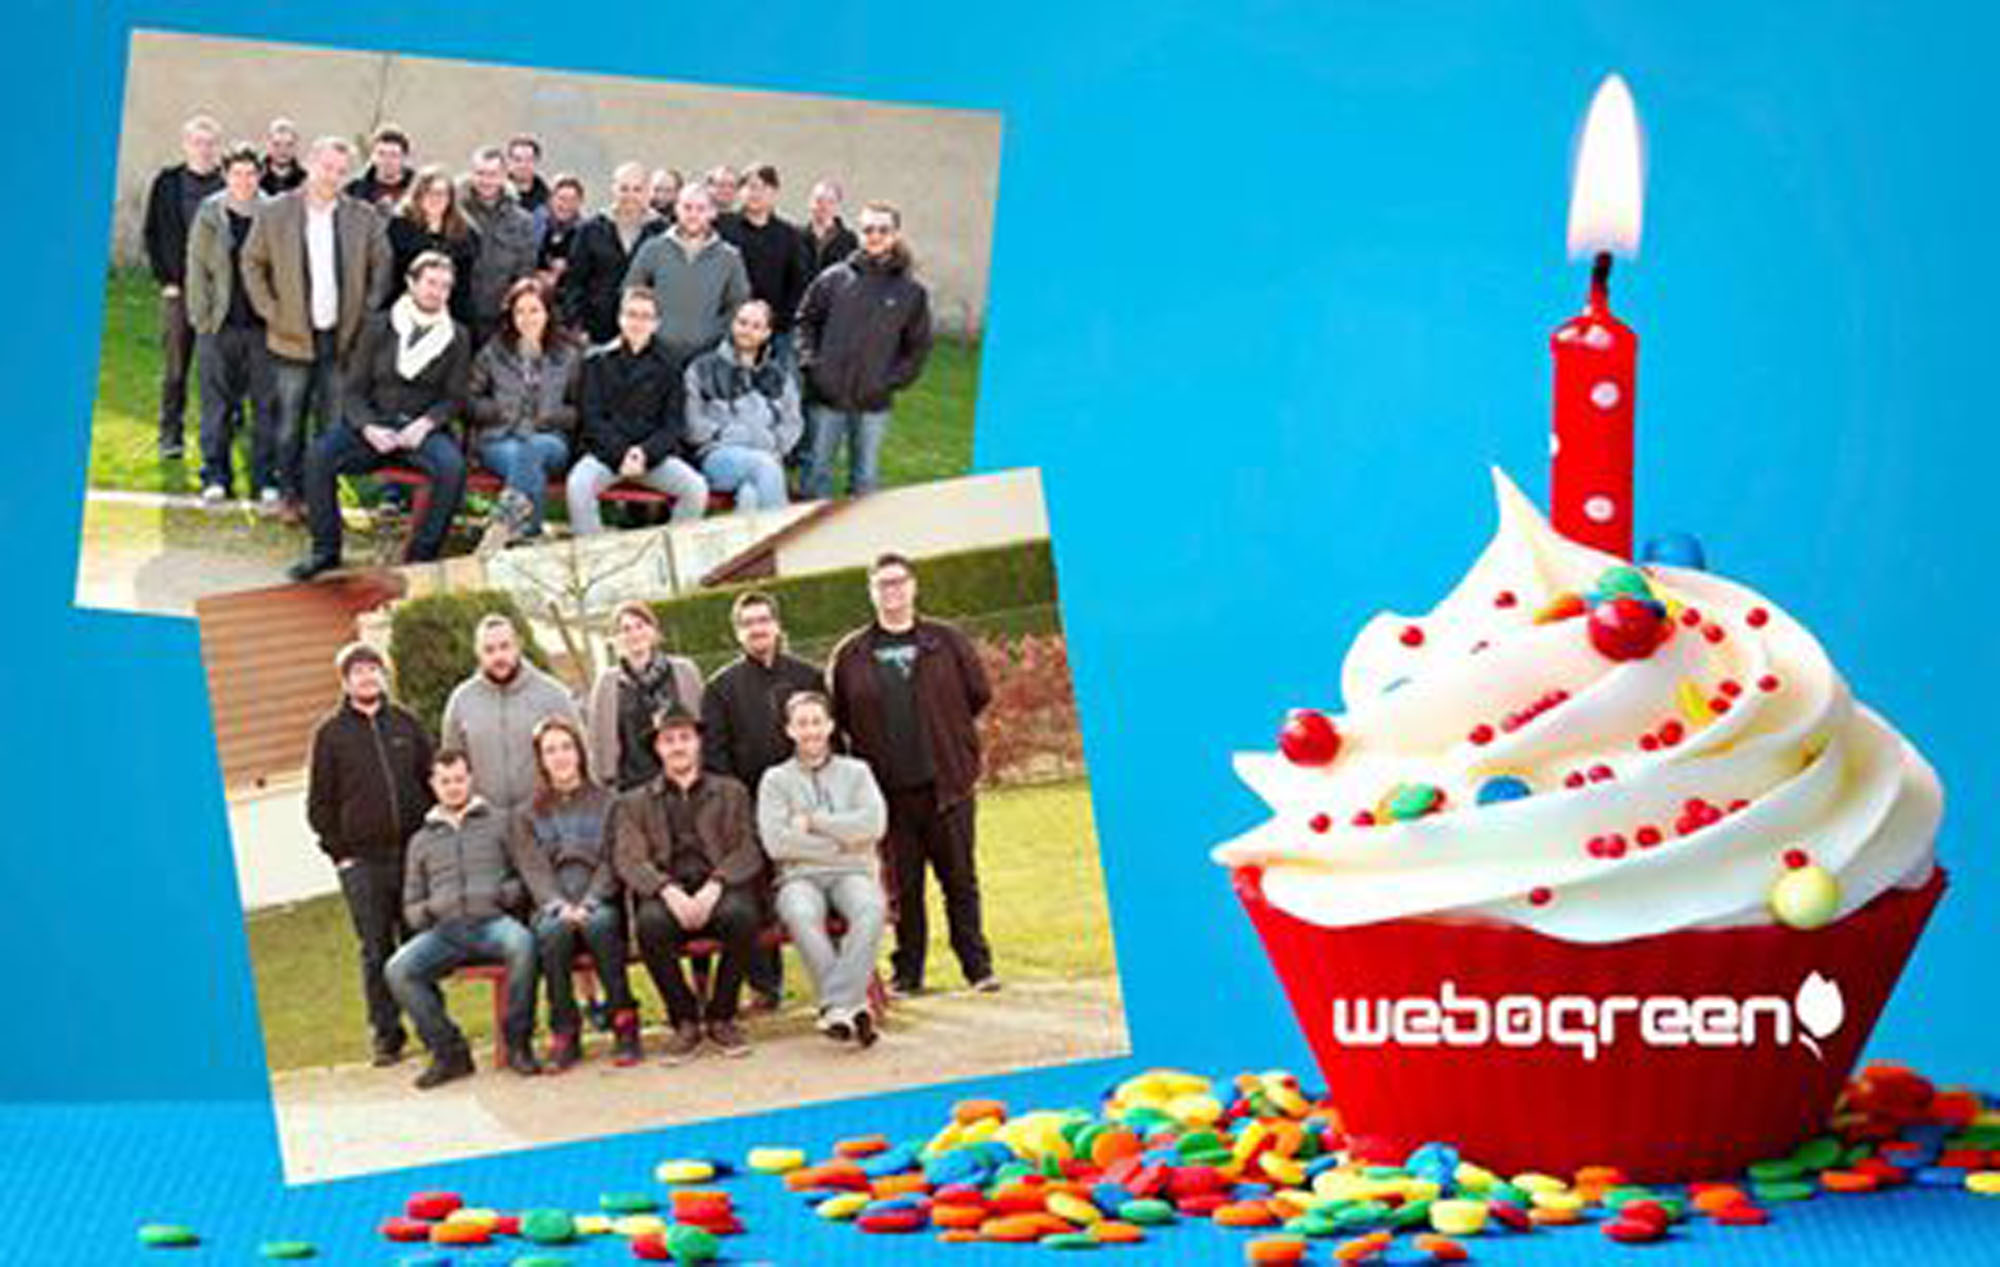 1an-WebOgreen